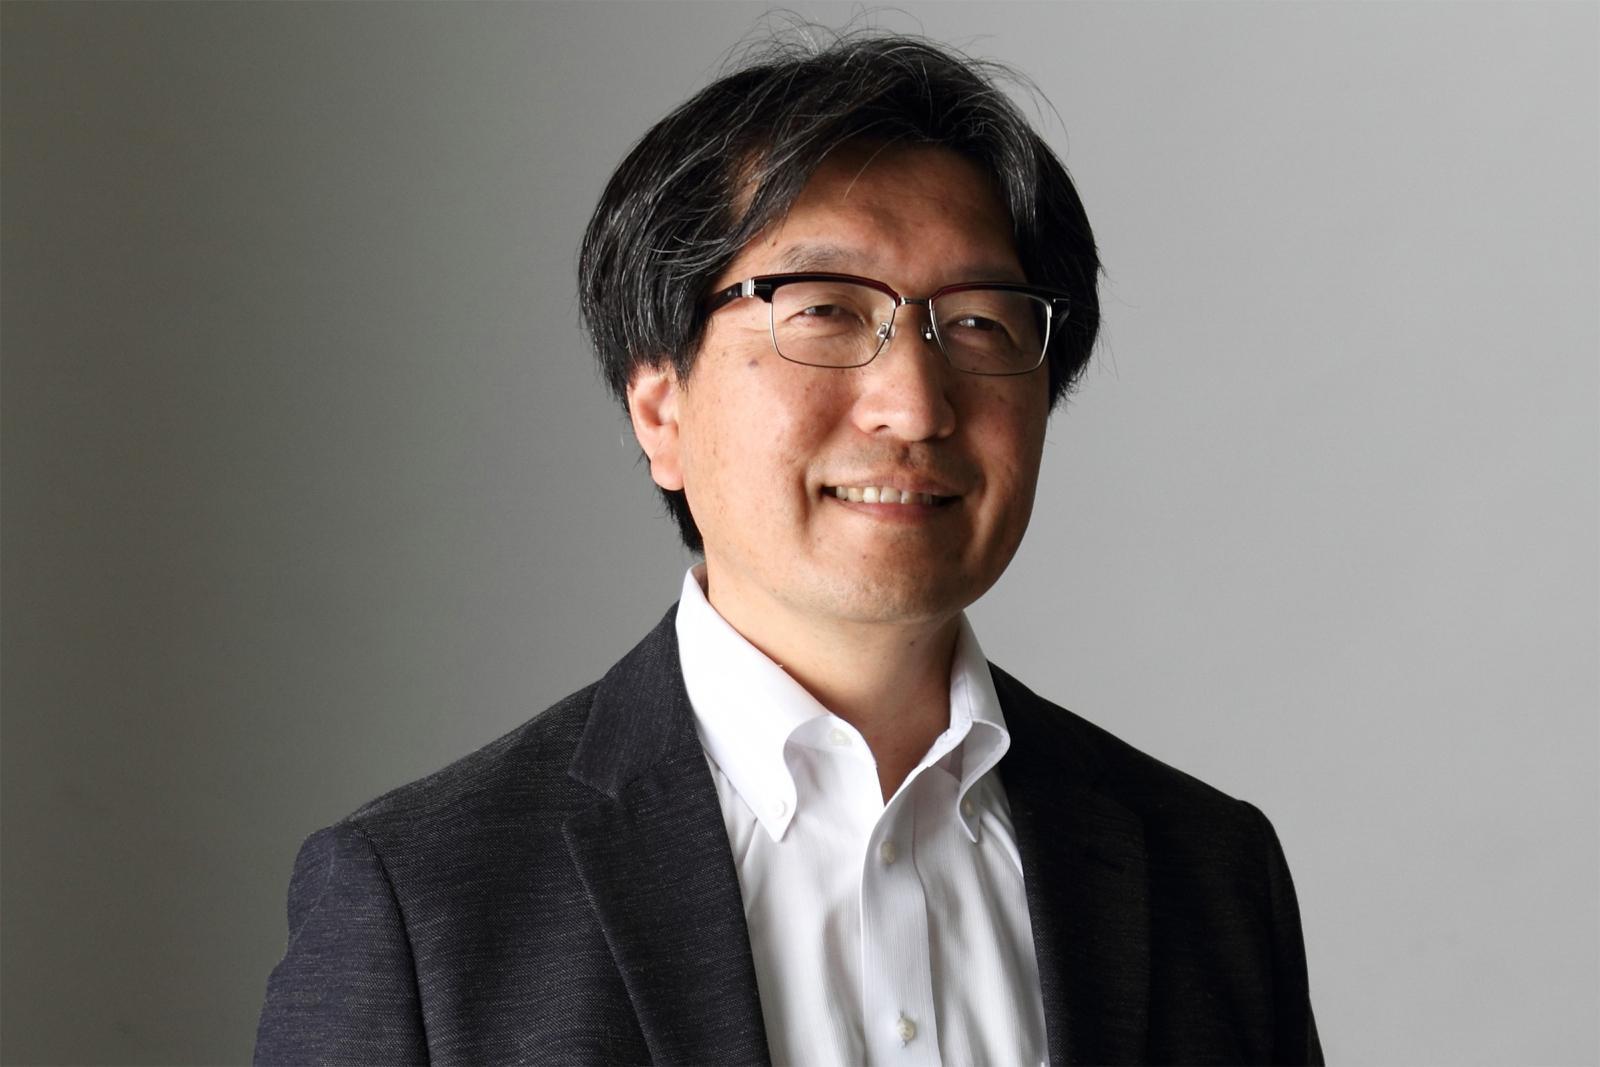 コロナ禍は情報システム部門の「大きな転機」に——フジテックCIOの友岡氏に聞く、チャンスを生かし、成長するためのマインドセット01